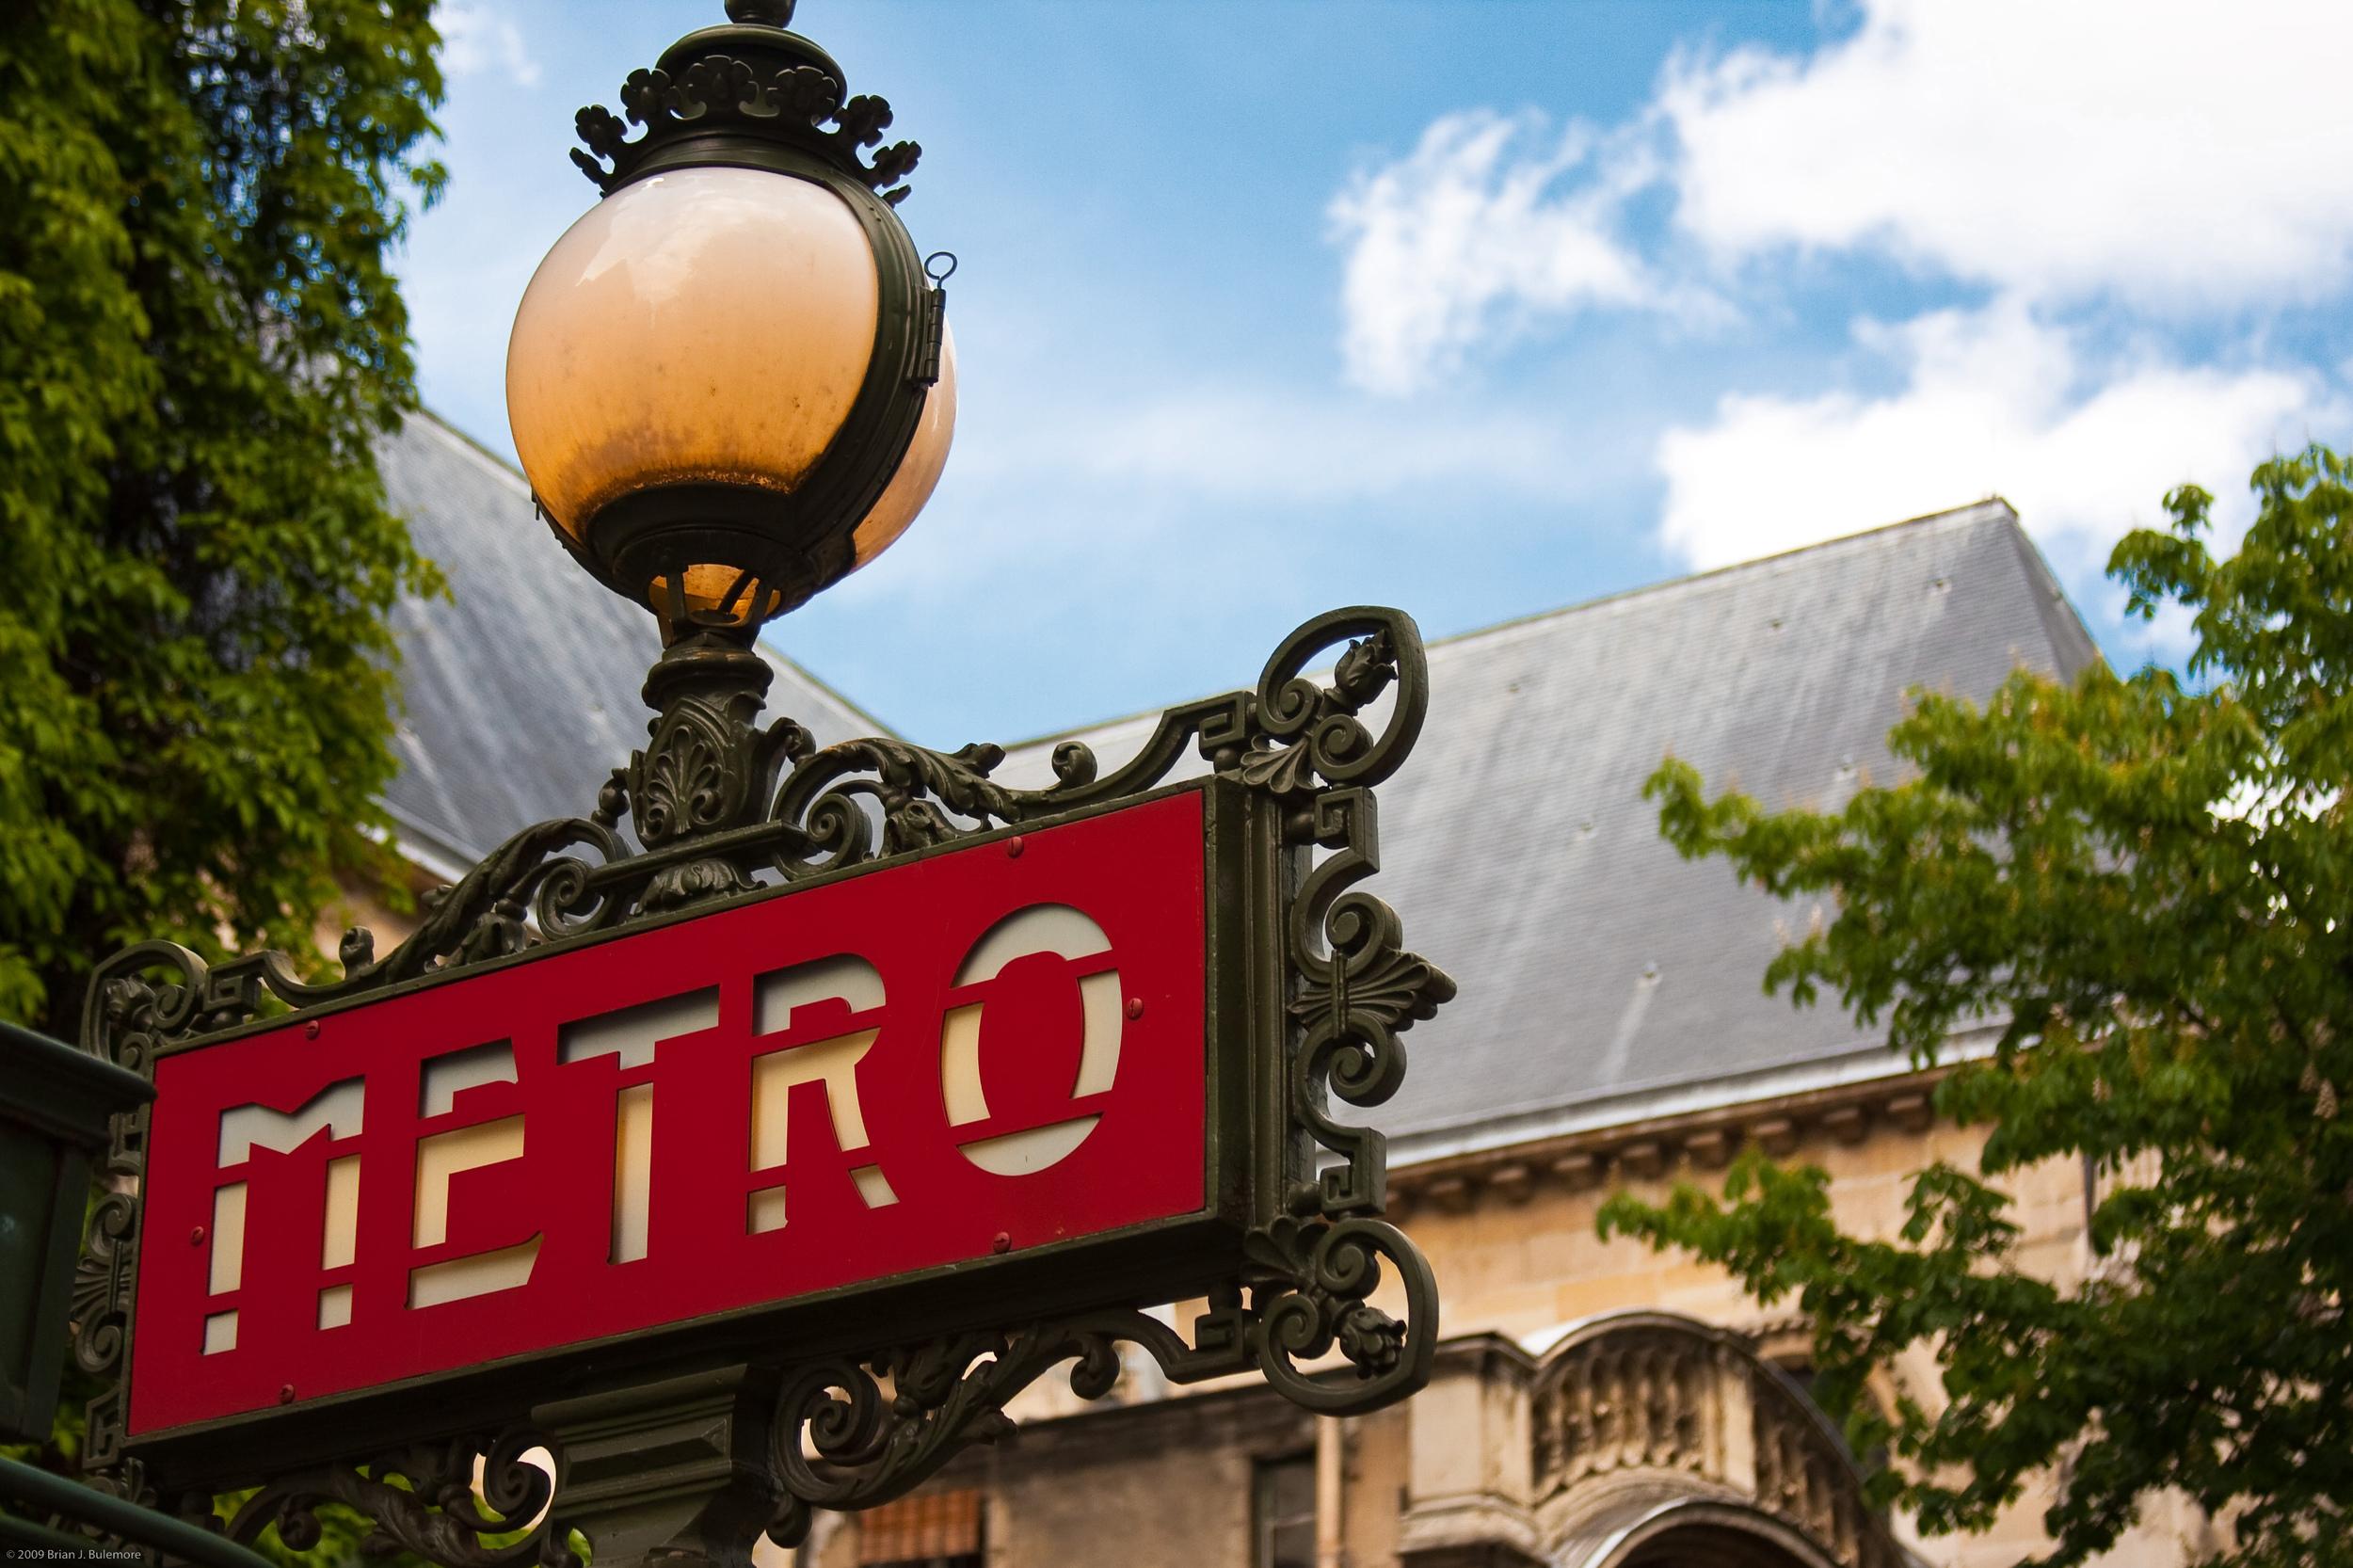 metro_street72_testforweb.jpg